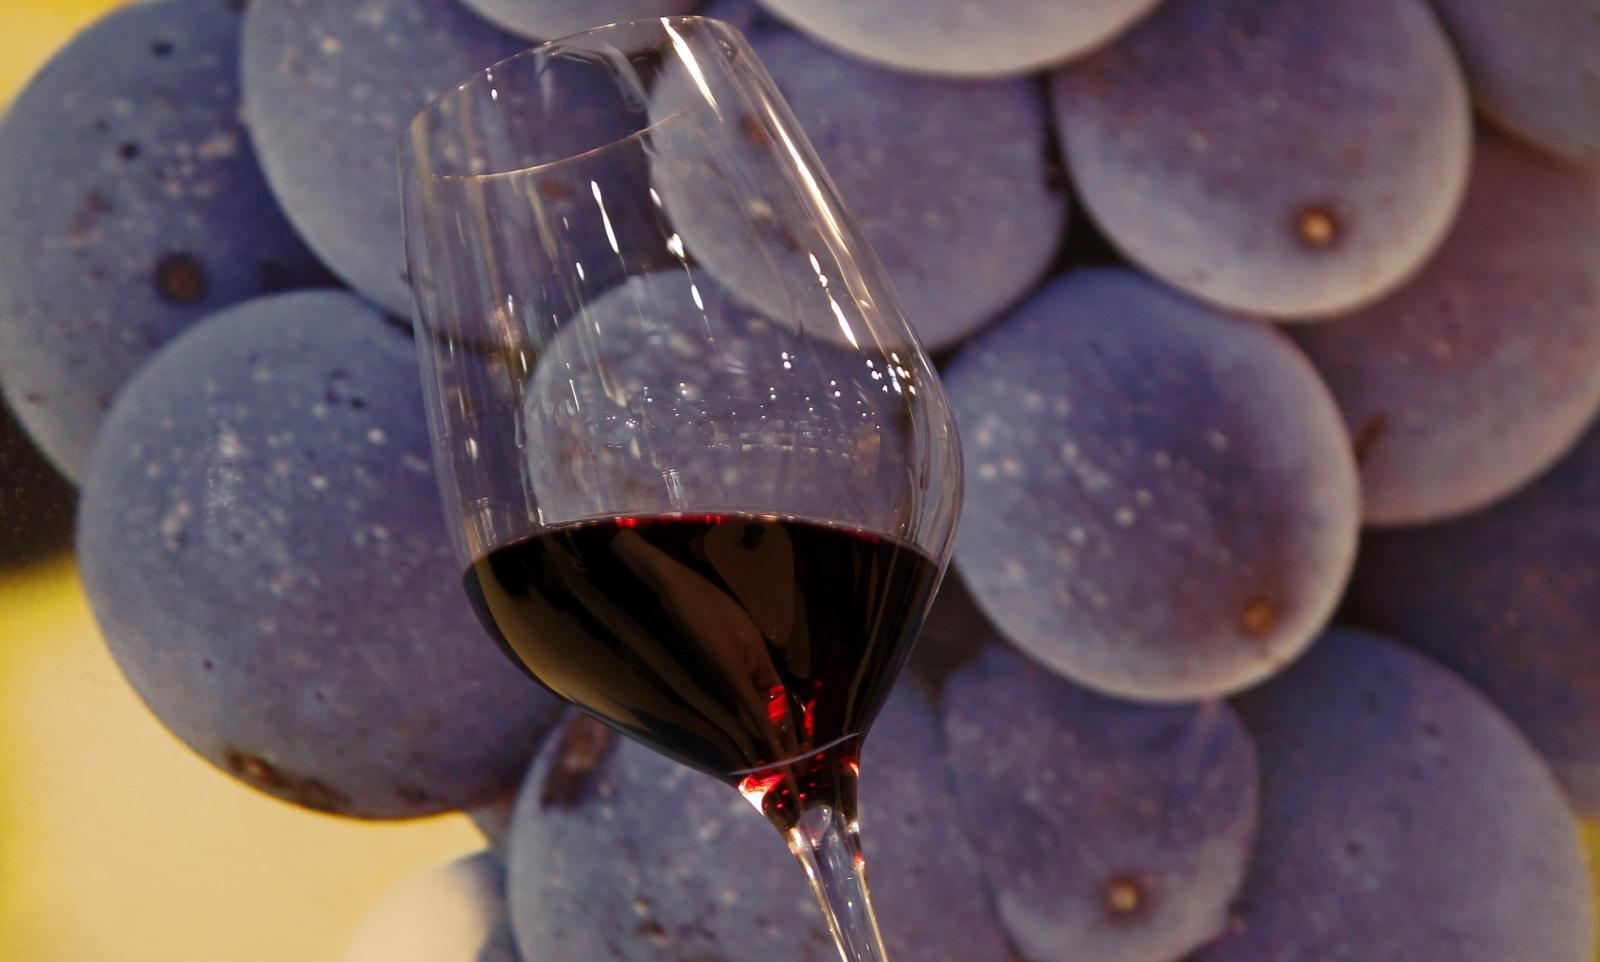 El antioxidante del vino tinto será clave en el alimento de las misiones a Marte